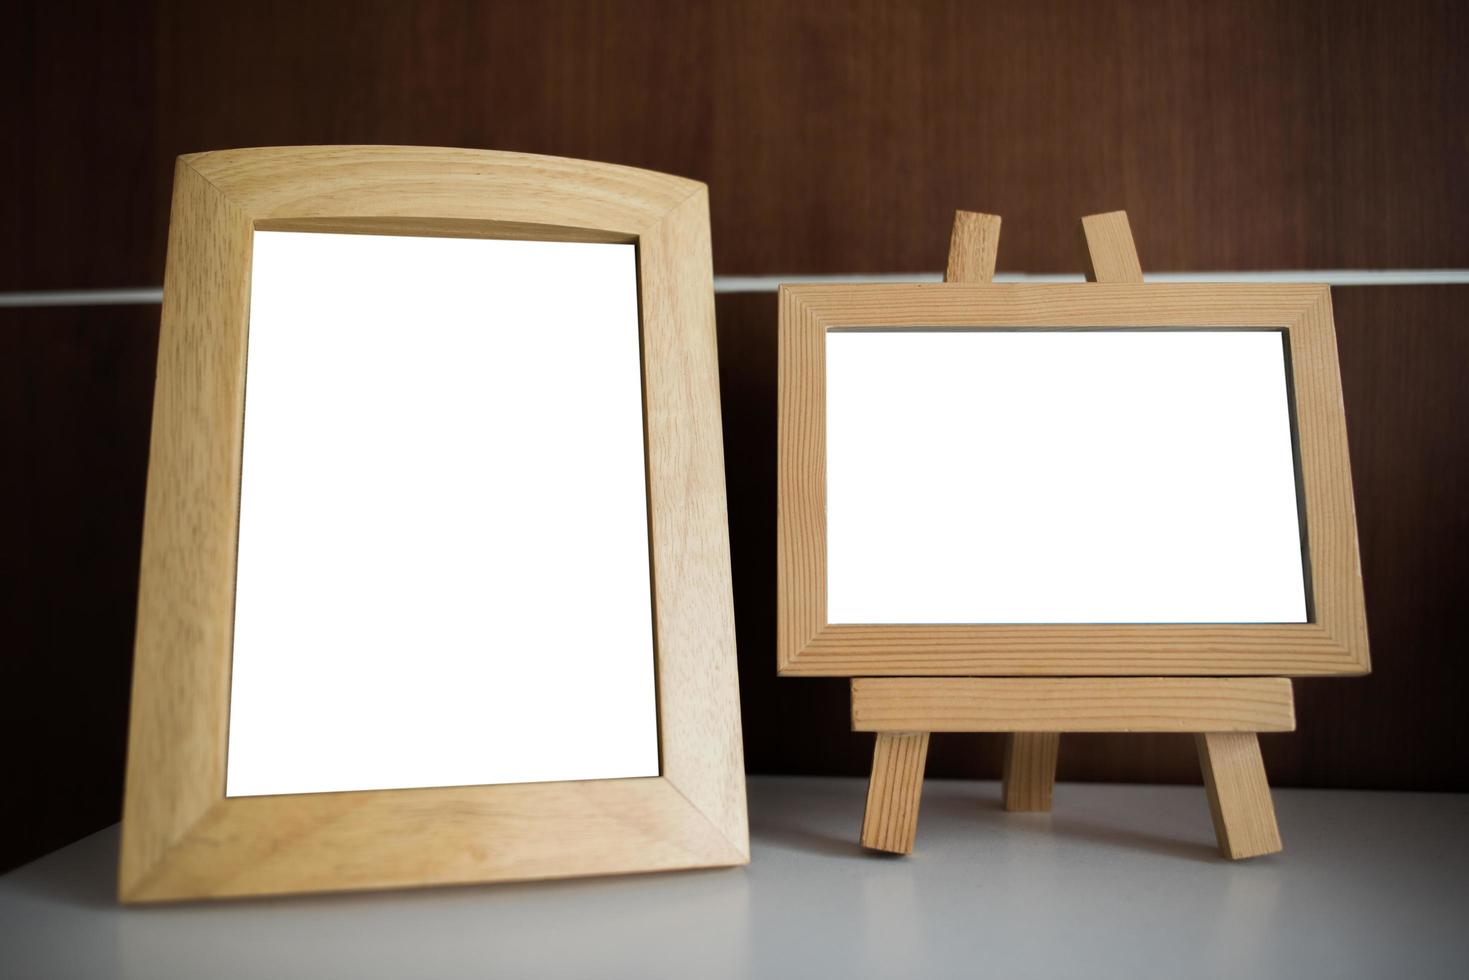 fotolijst op tafel met kopie ruimte foto